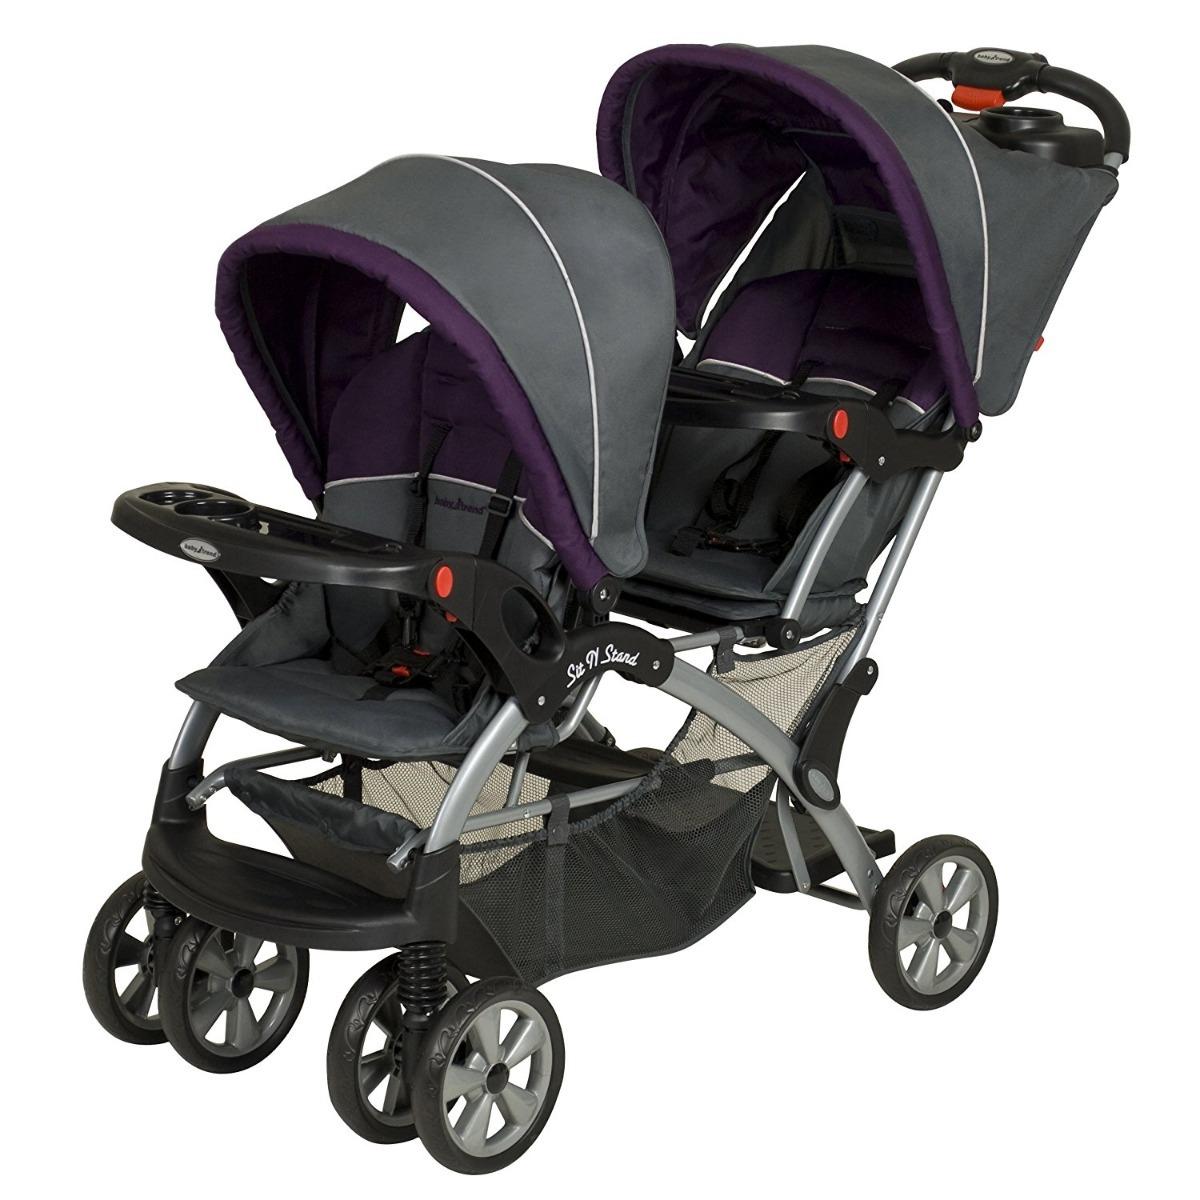 Carreola Doble Baby Trend Ideal Para Gemelos Nueva